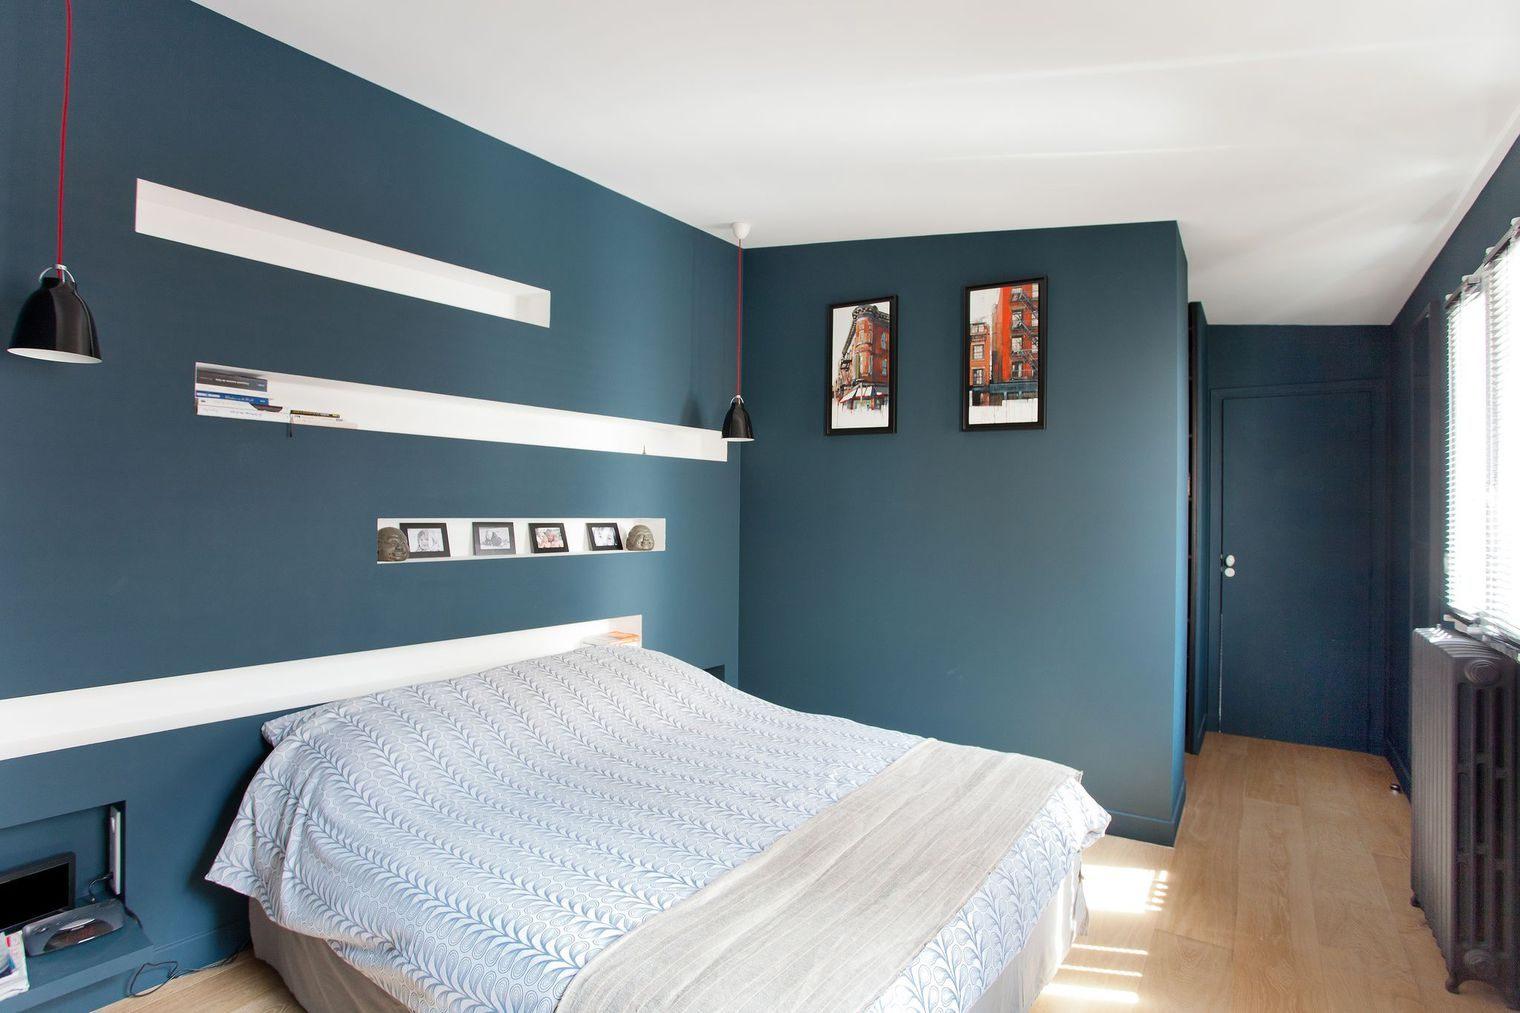 Tete De Lit Bleu Meilleur De Deco Chambre Lit Noir Meuble Salle De Bain Darty Belle Lit Darty 0d